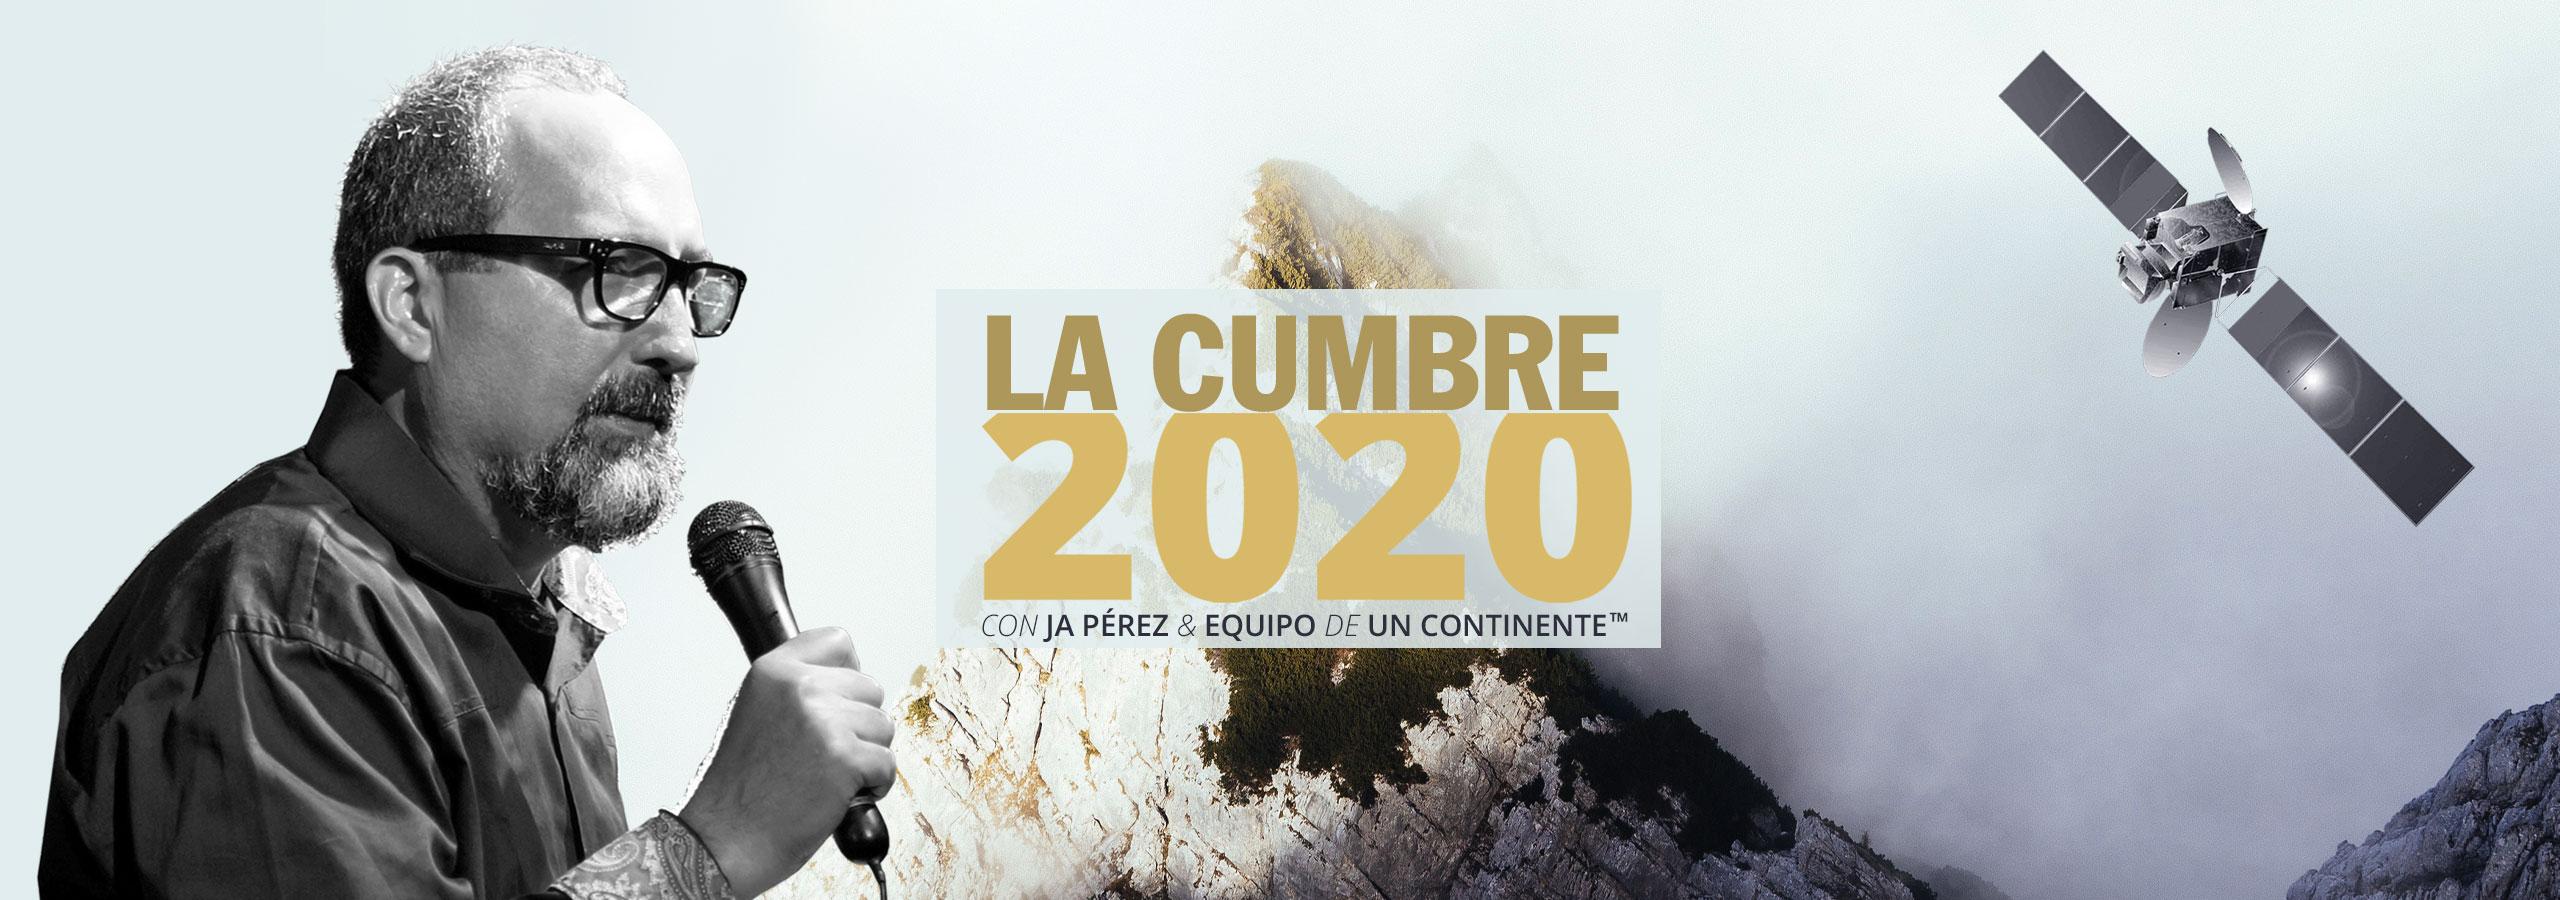 La Cumbre 2020